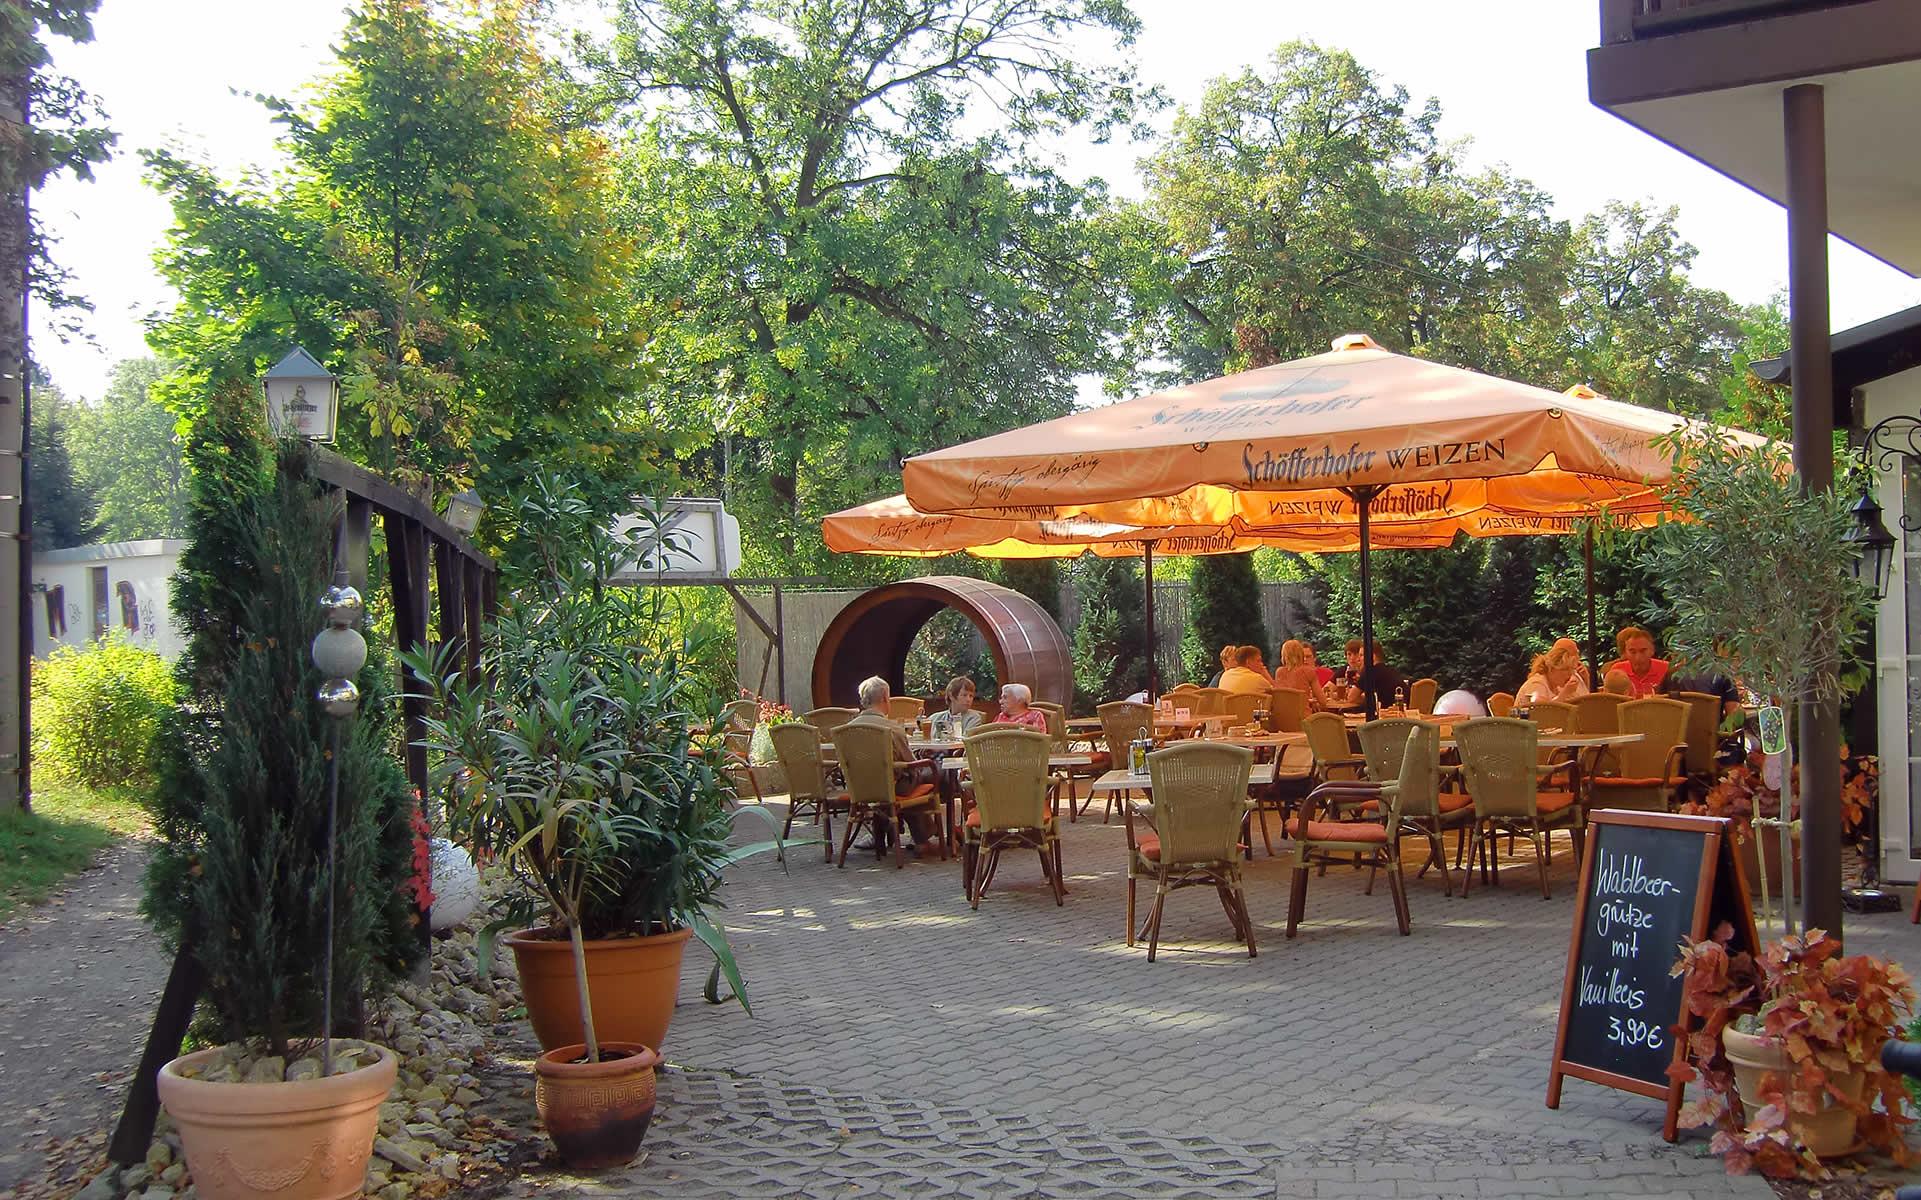 Cassabella Leipzig casa ristorante pizzaria in leipzig